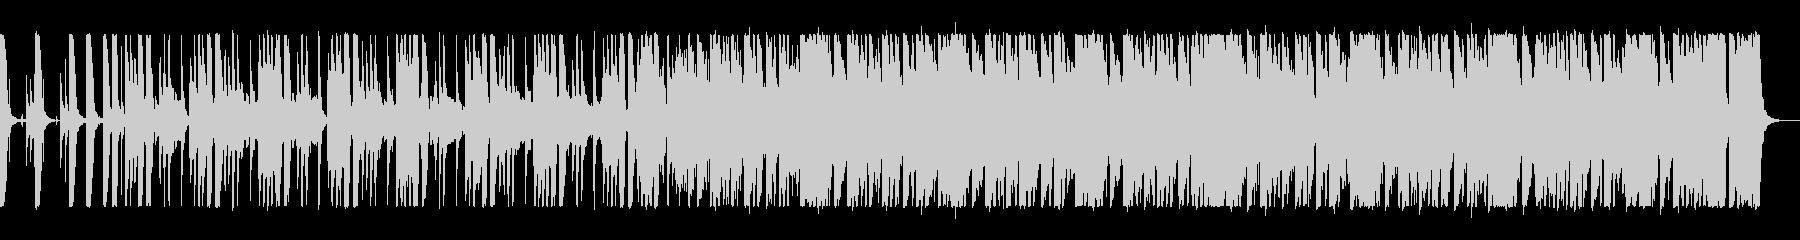 軽快なブラスジャズサウンドの未再生の波形